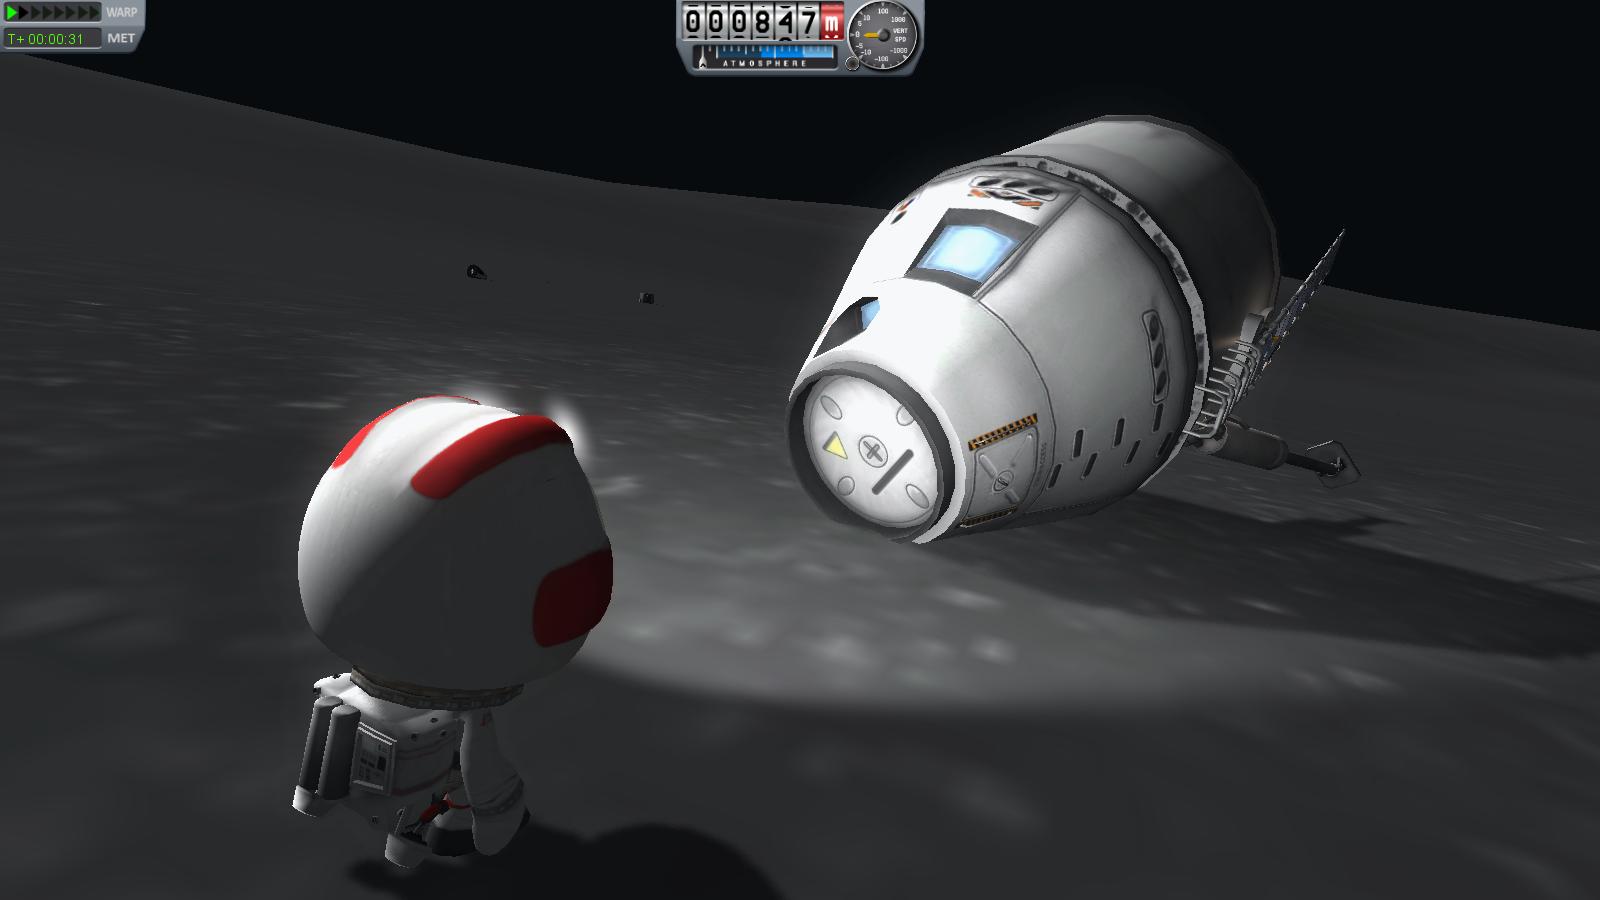 kerbal space program mun lander - photo #30